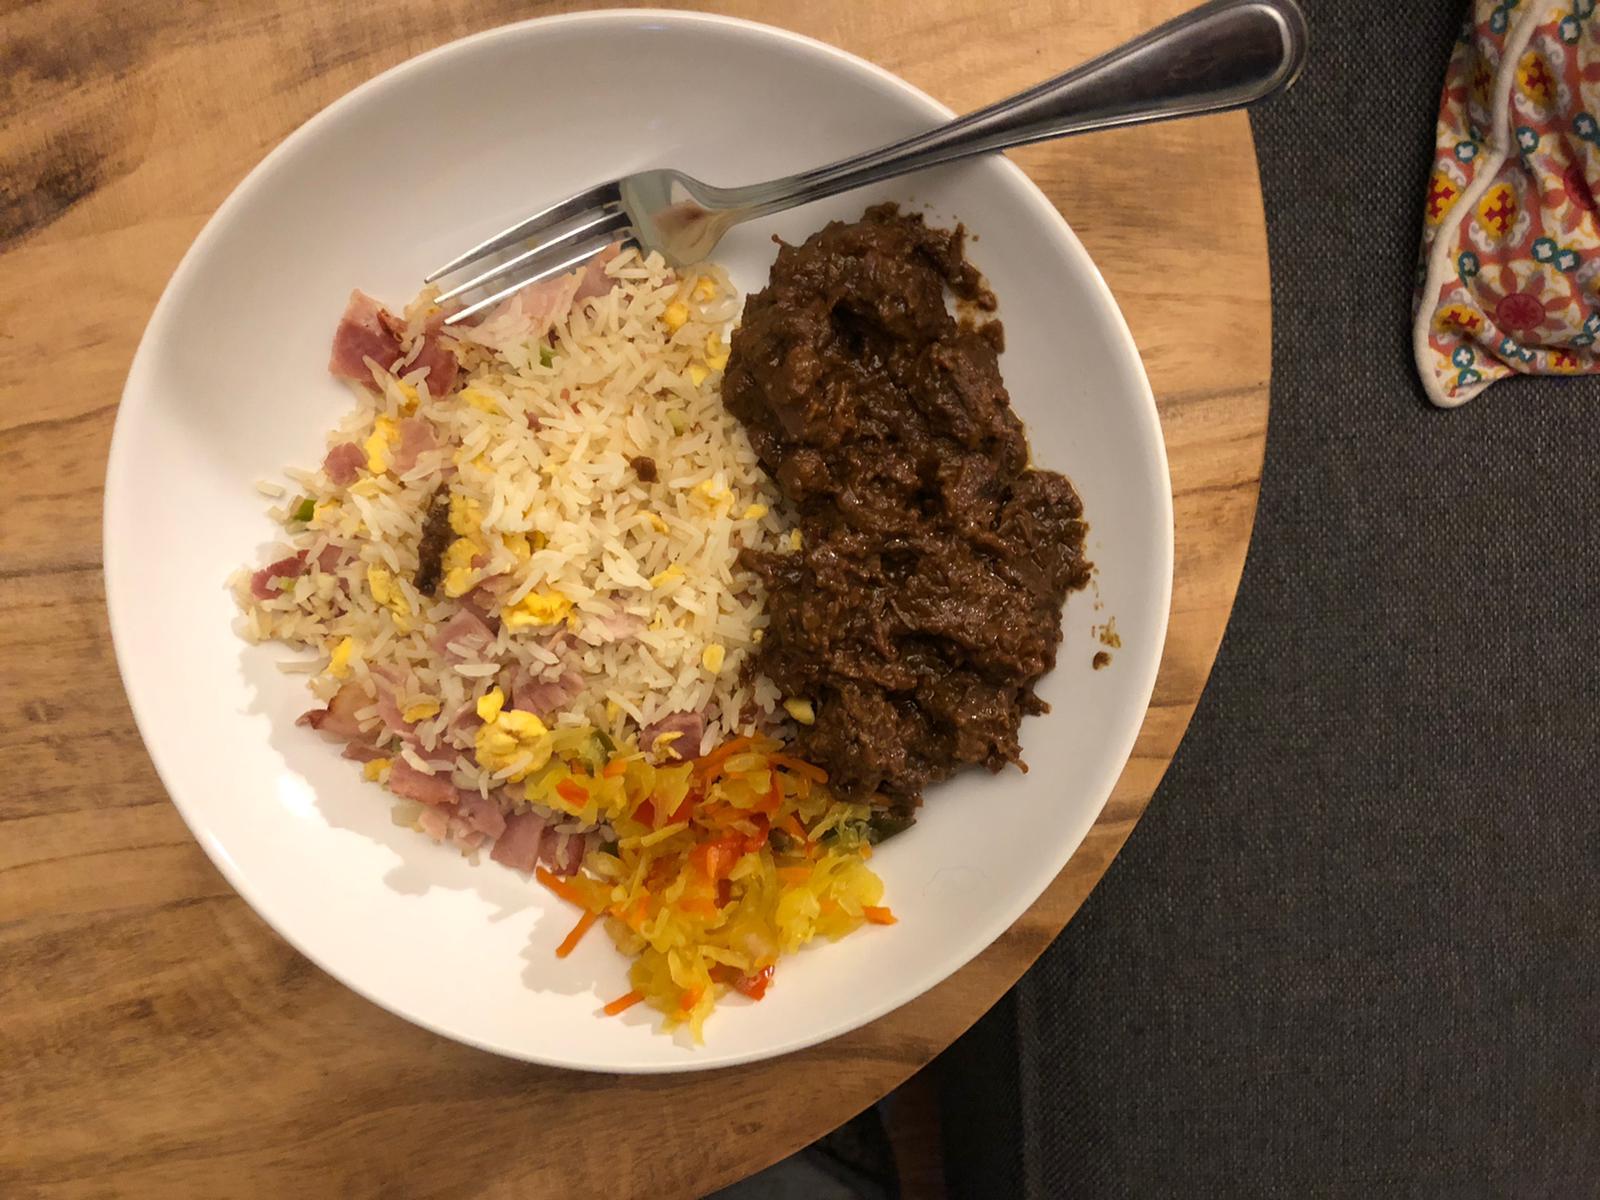 Satéstoof met zelfgemaakte nasi